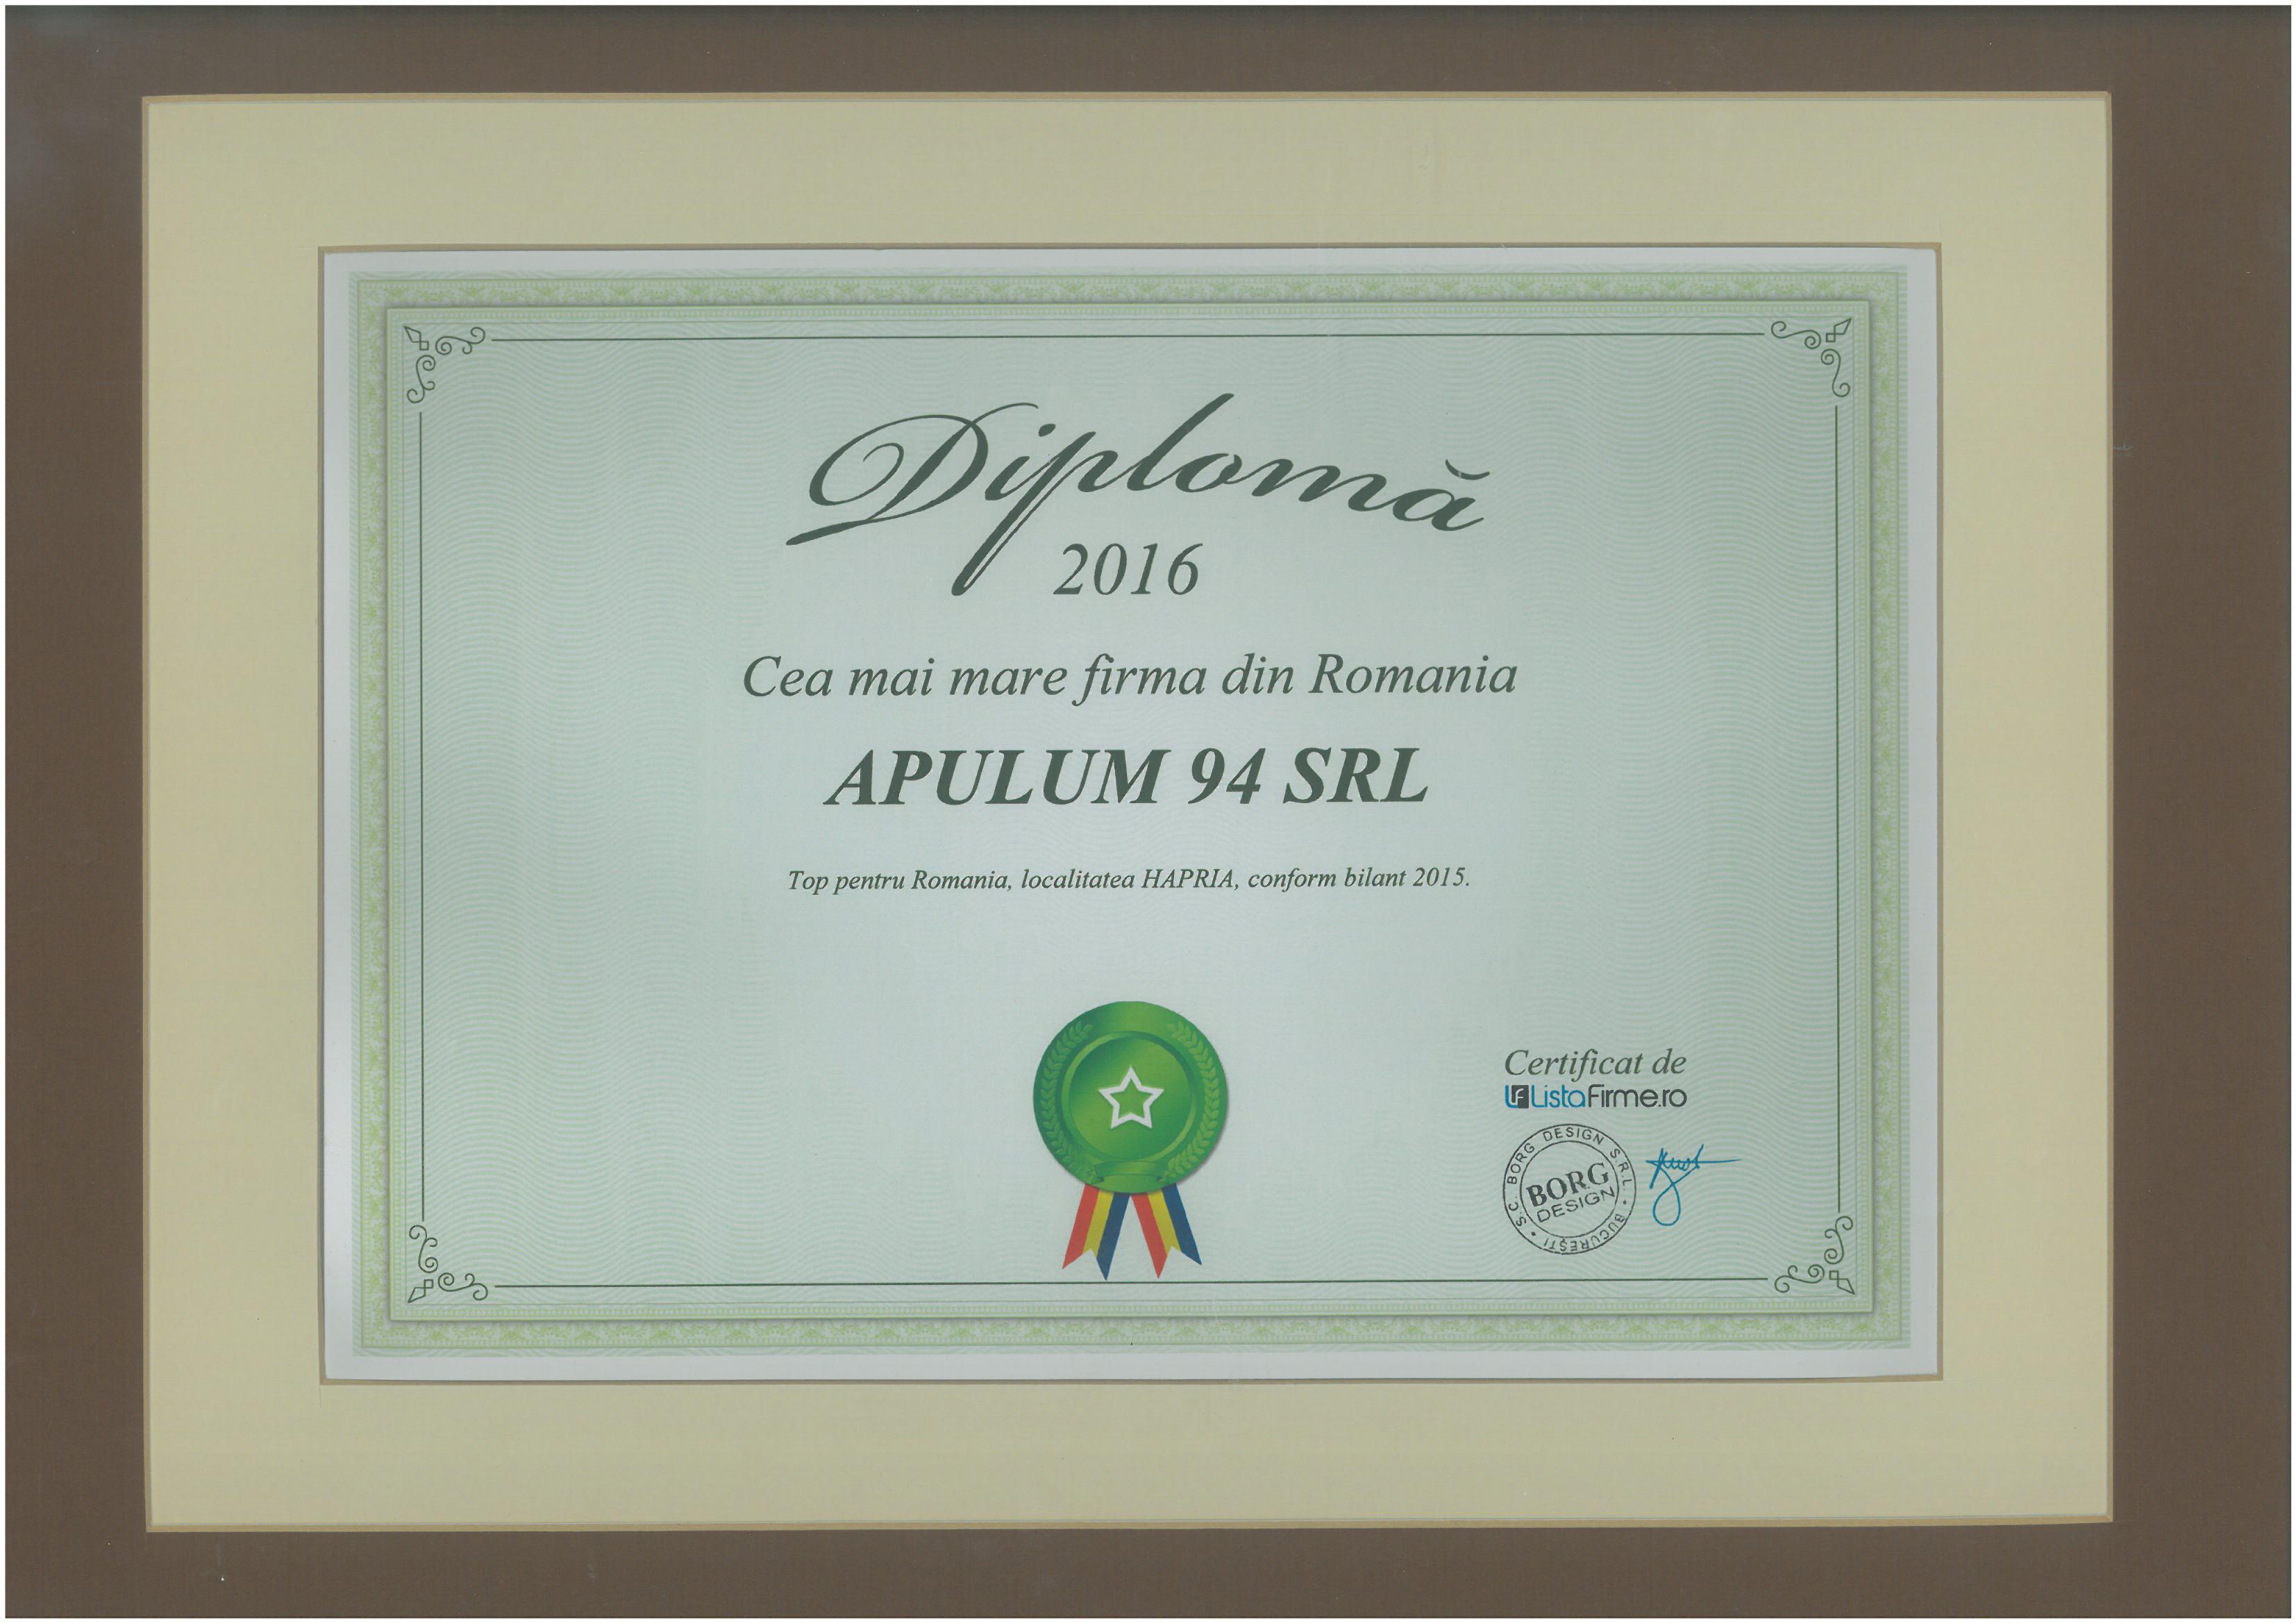 Diploma - Cea mai mare firma din Romania - 2016